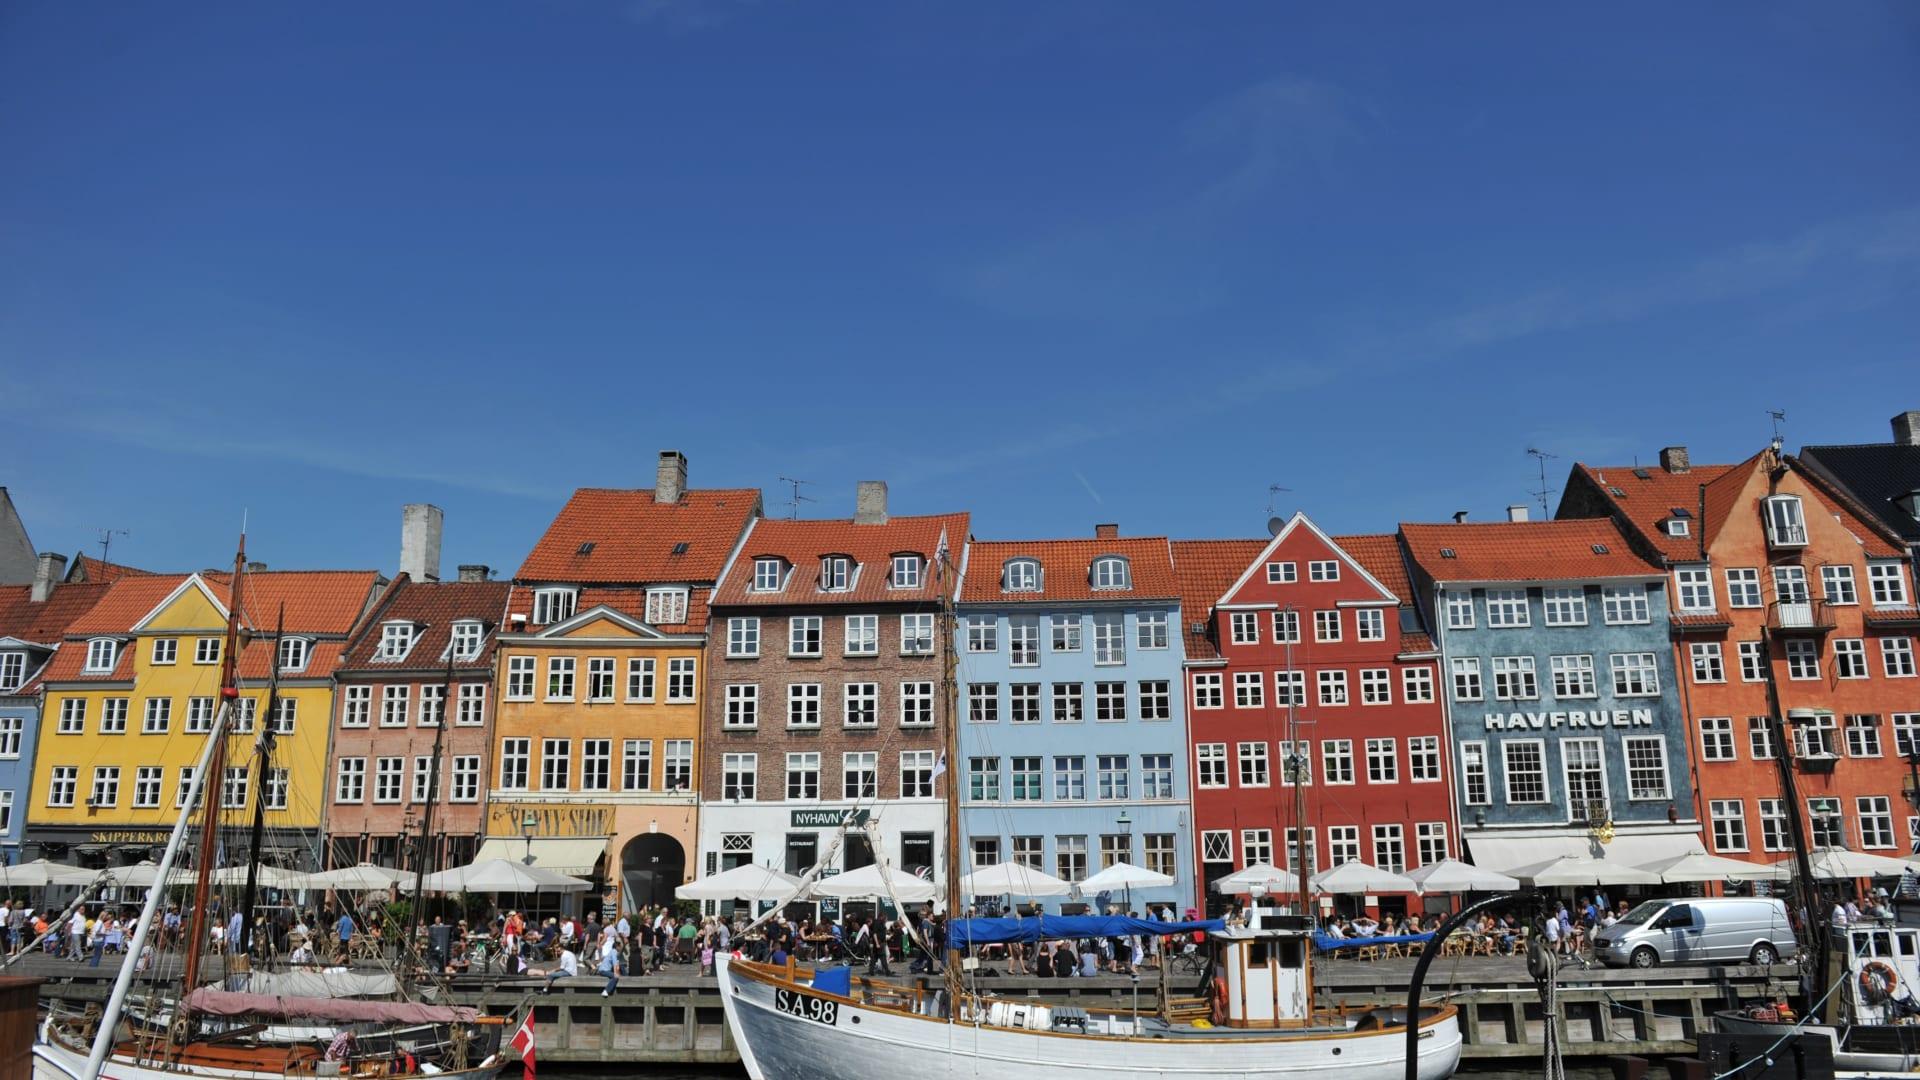 كوبنهاغن، الدانمارك